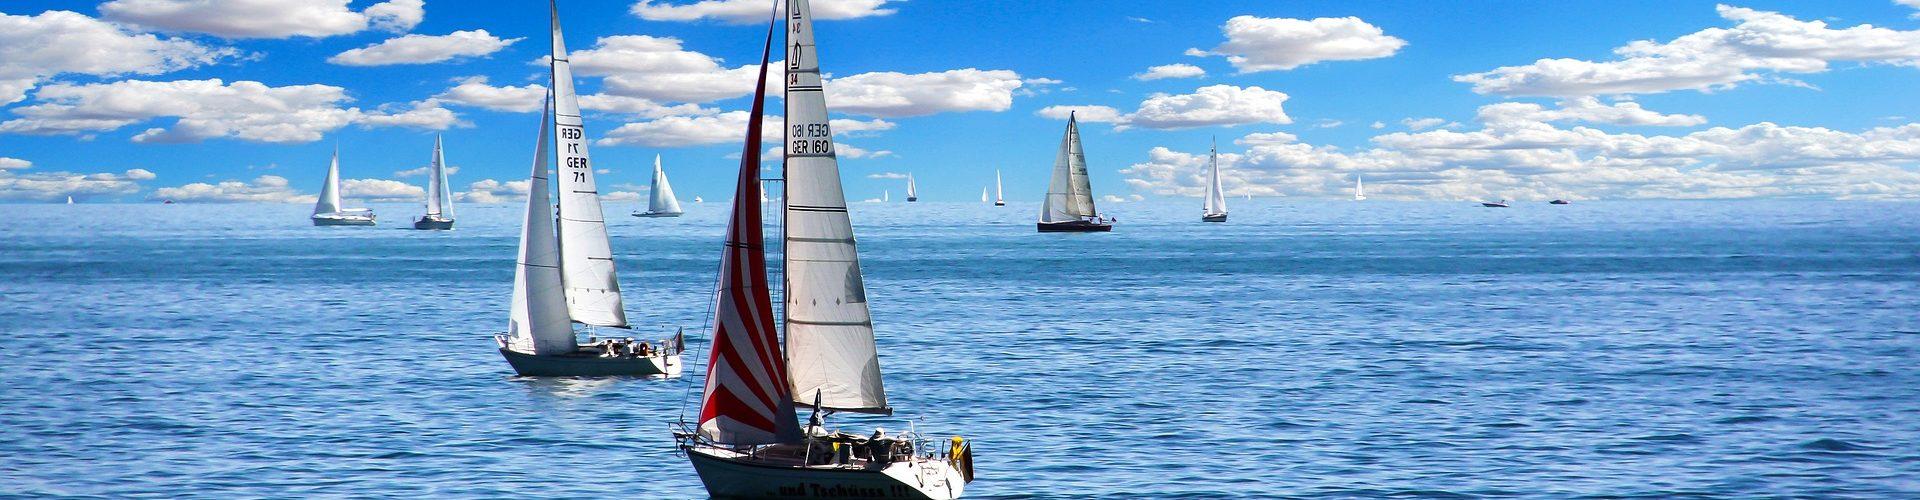 segeln lernen in Groß Sarau segelschein machen in Groß Sarau 1920x500 - Segeln lernen in Groß Sarau